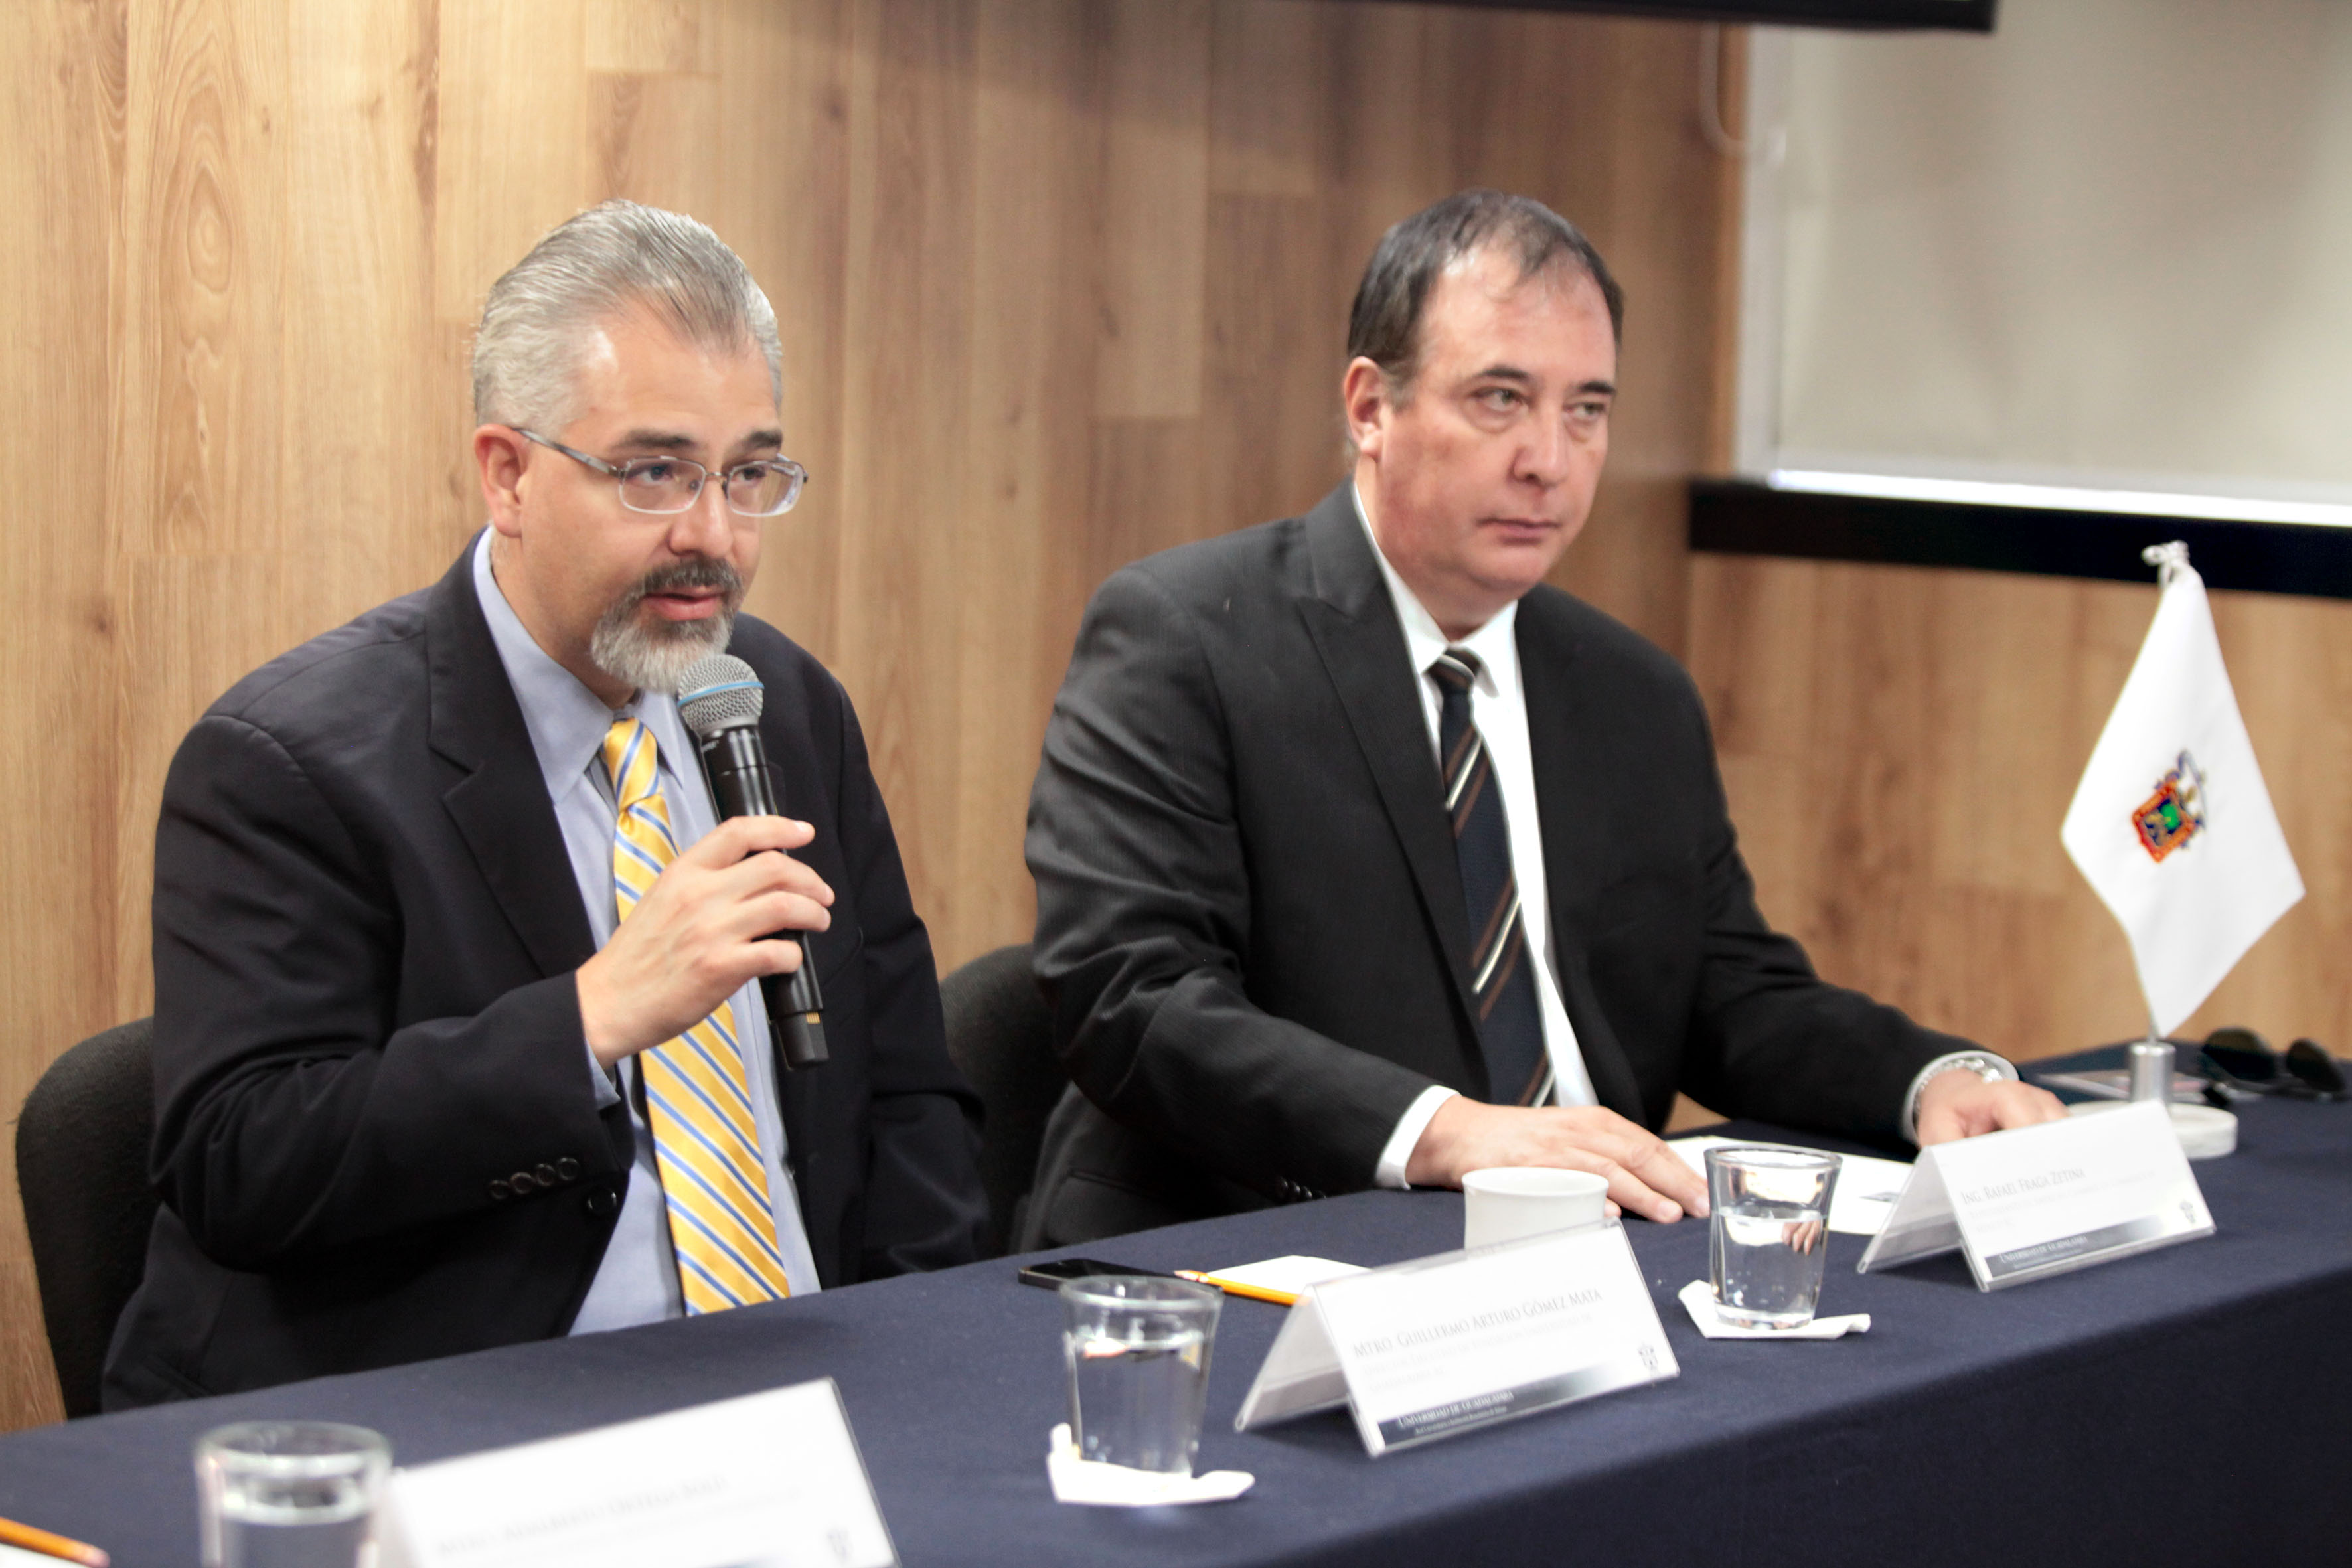 Rueda de prensa para anunciar la conferencia magistral dentro de la Cátedra Adolf B. Horn, organizada por la fundación Universidad de Guadalajara (UdeG), el Consejo Social de la UdeG y la Cámara México Americana de Comercio (American Chamber of Commerce).